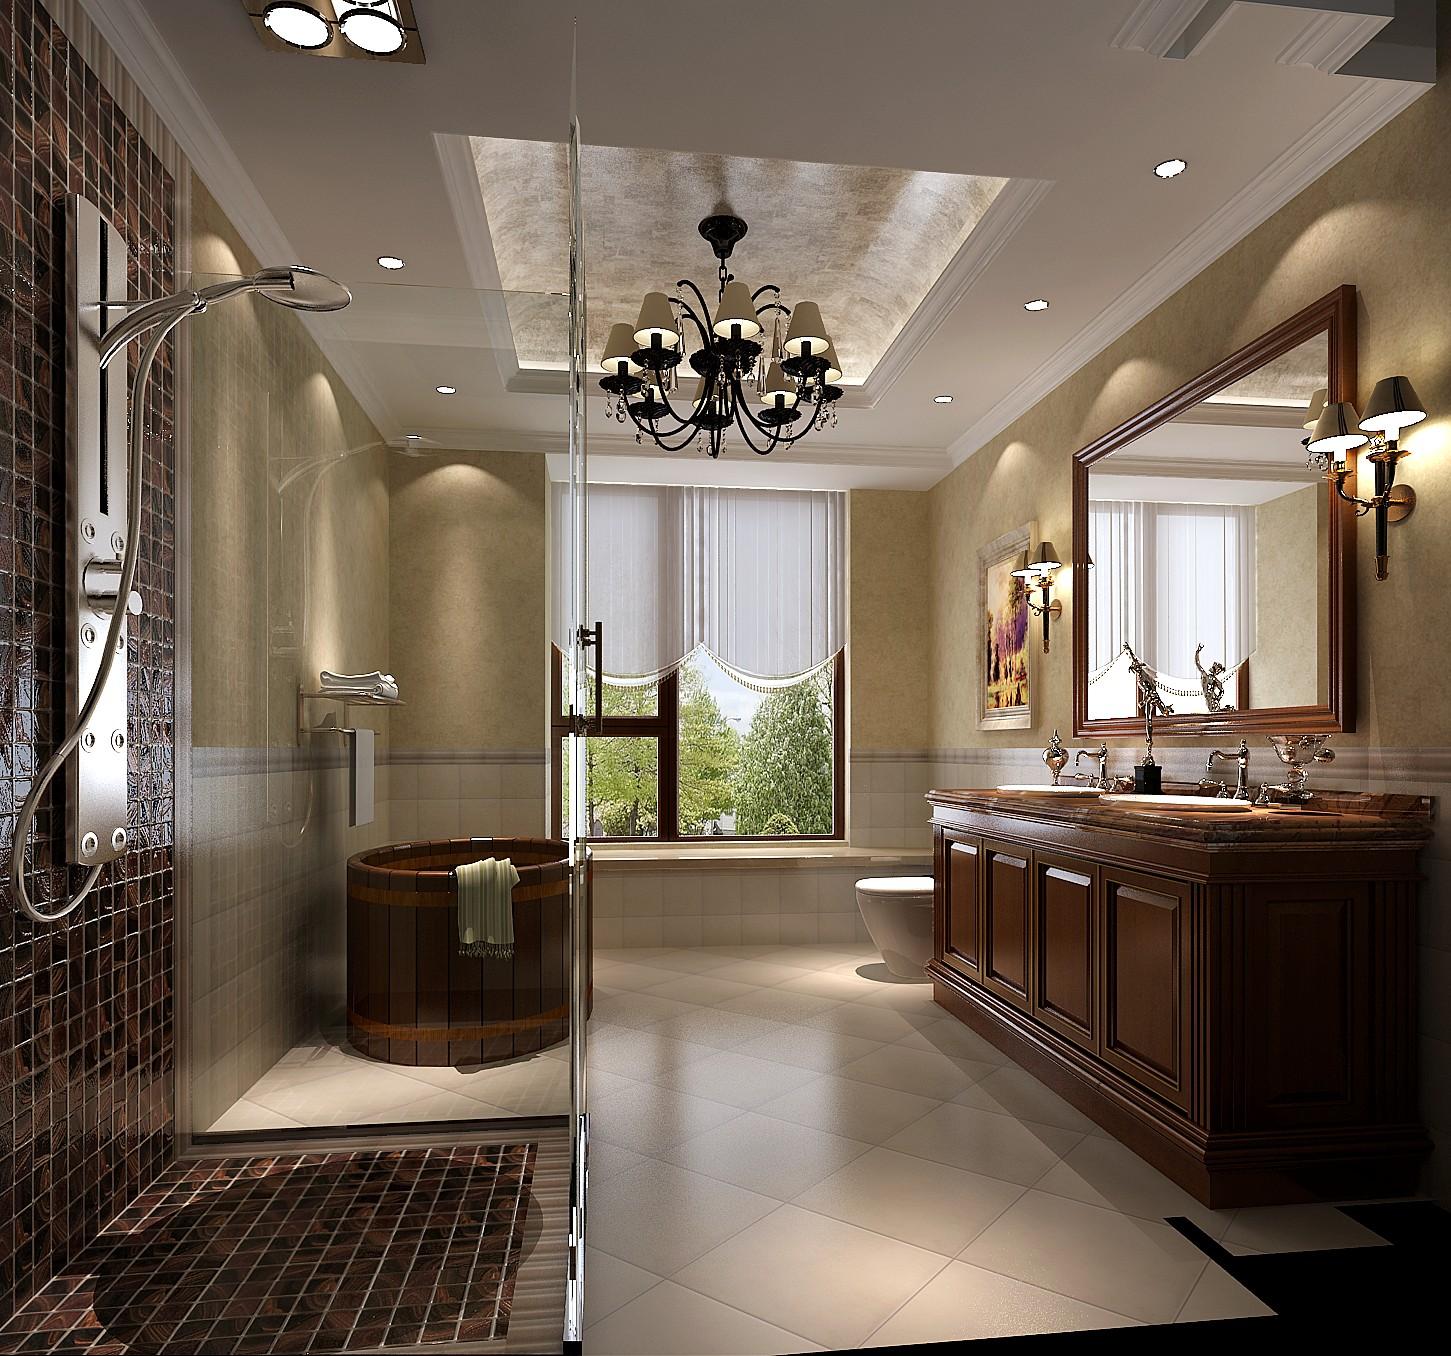 简约 美式 现代 高度国际 时尚 白富美 平层 别墅 白领 卫生间图片来自北京高度国际装饰设计在10万打造西山壹号院美式平层的分享